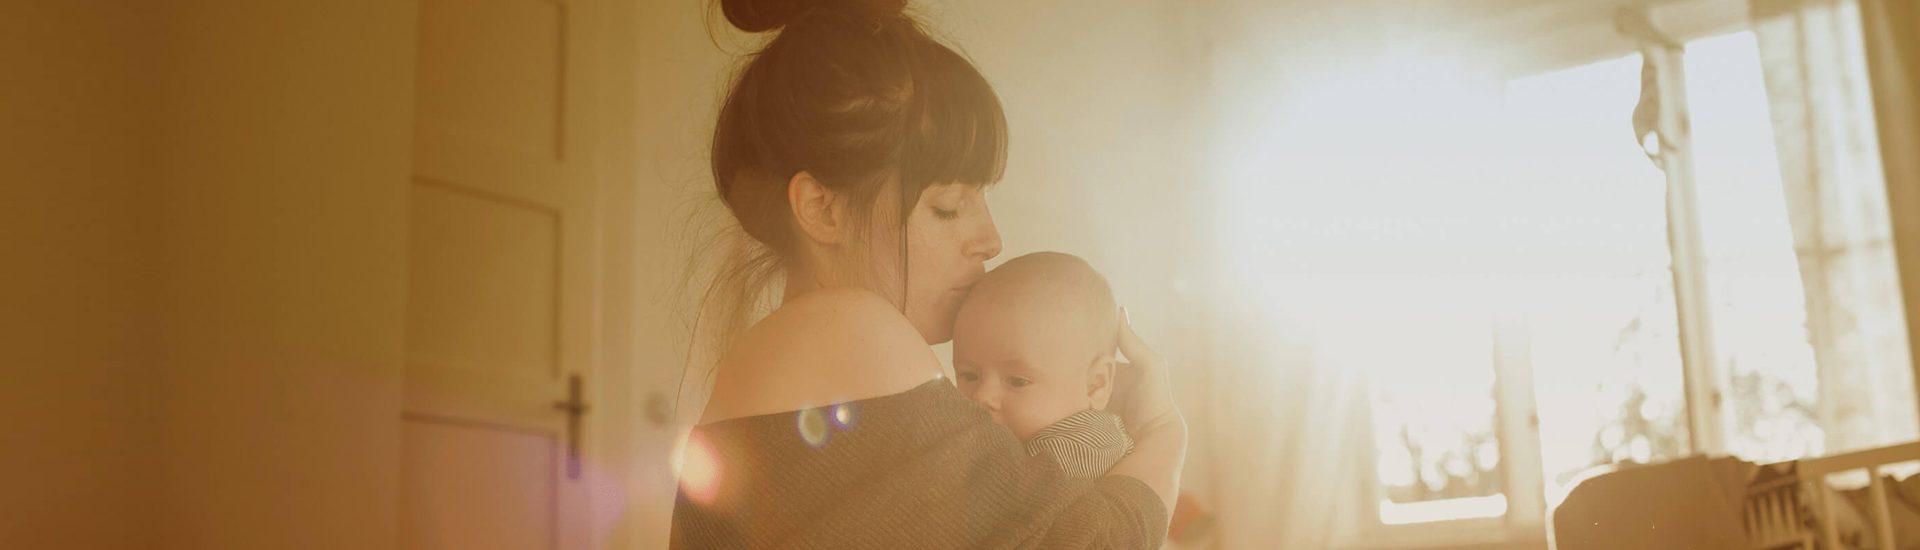 林時羽 ㄧ位不孕症患者帶給我的感動和啟示